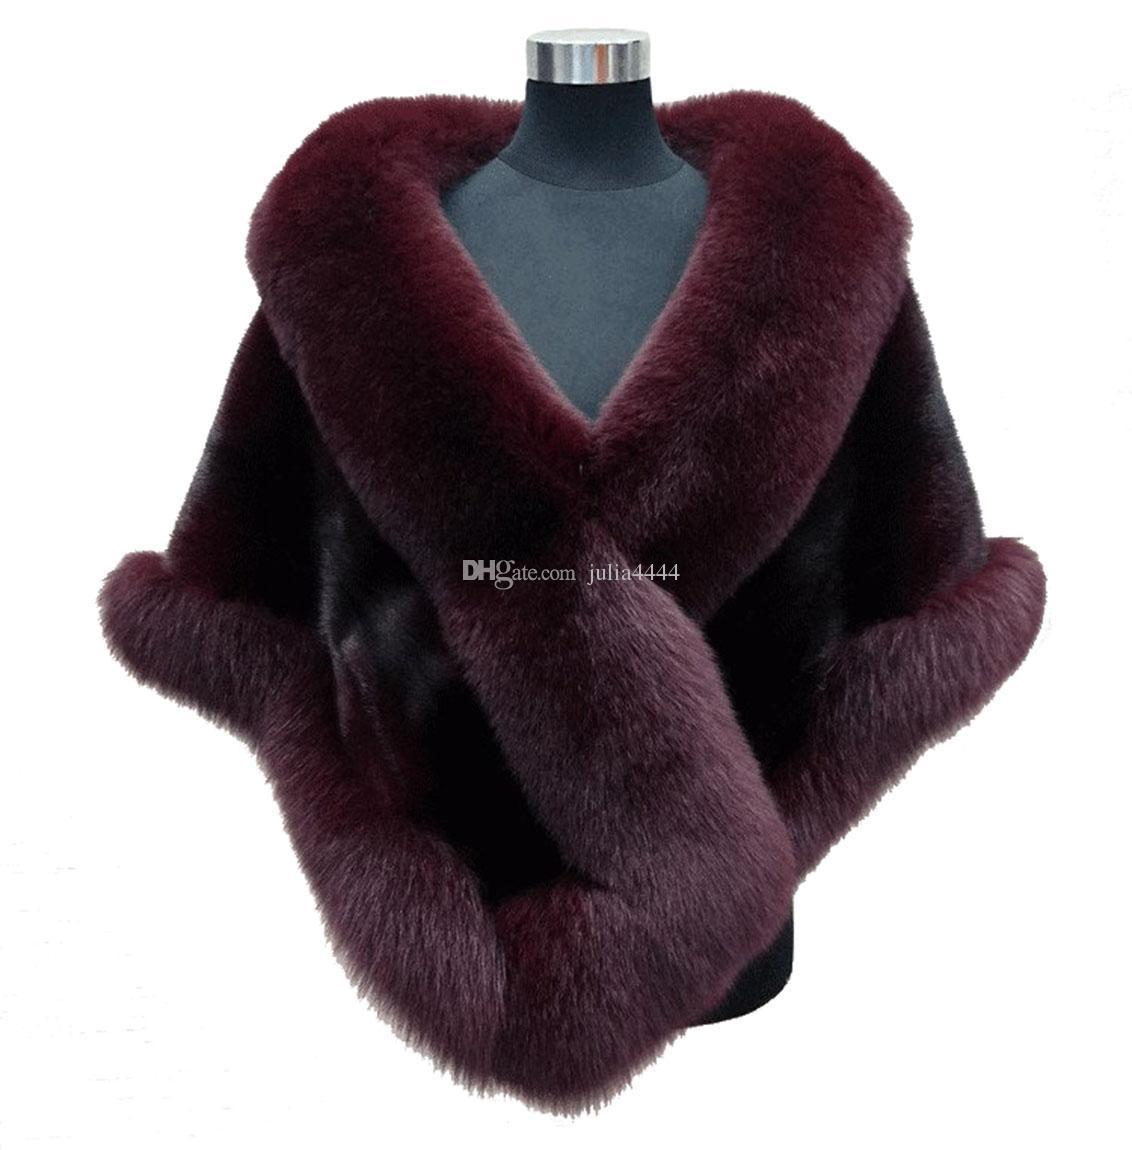 es pedidos mixtos otoño invierno 2019 más nuevo largo zorro piel sintética nupcial Wraps vestido de noche chal manto bufanda fiesta femenina cóctel